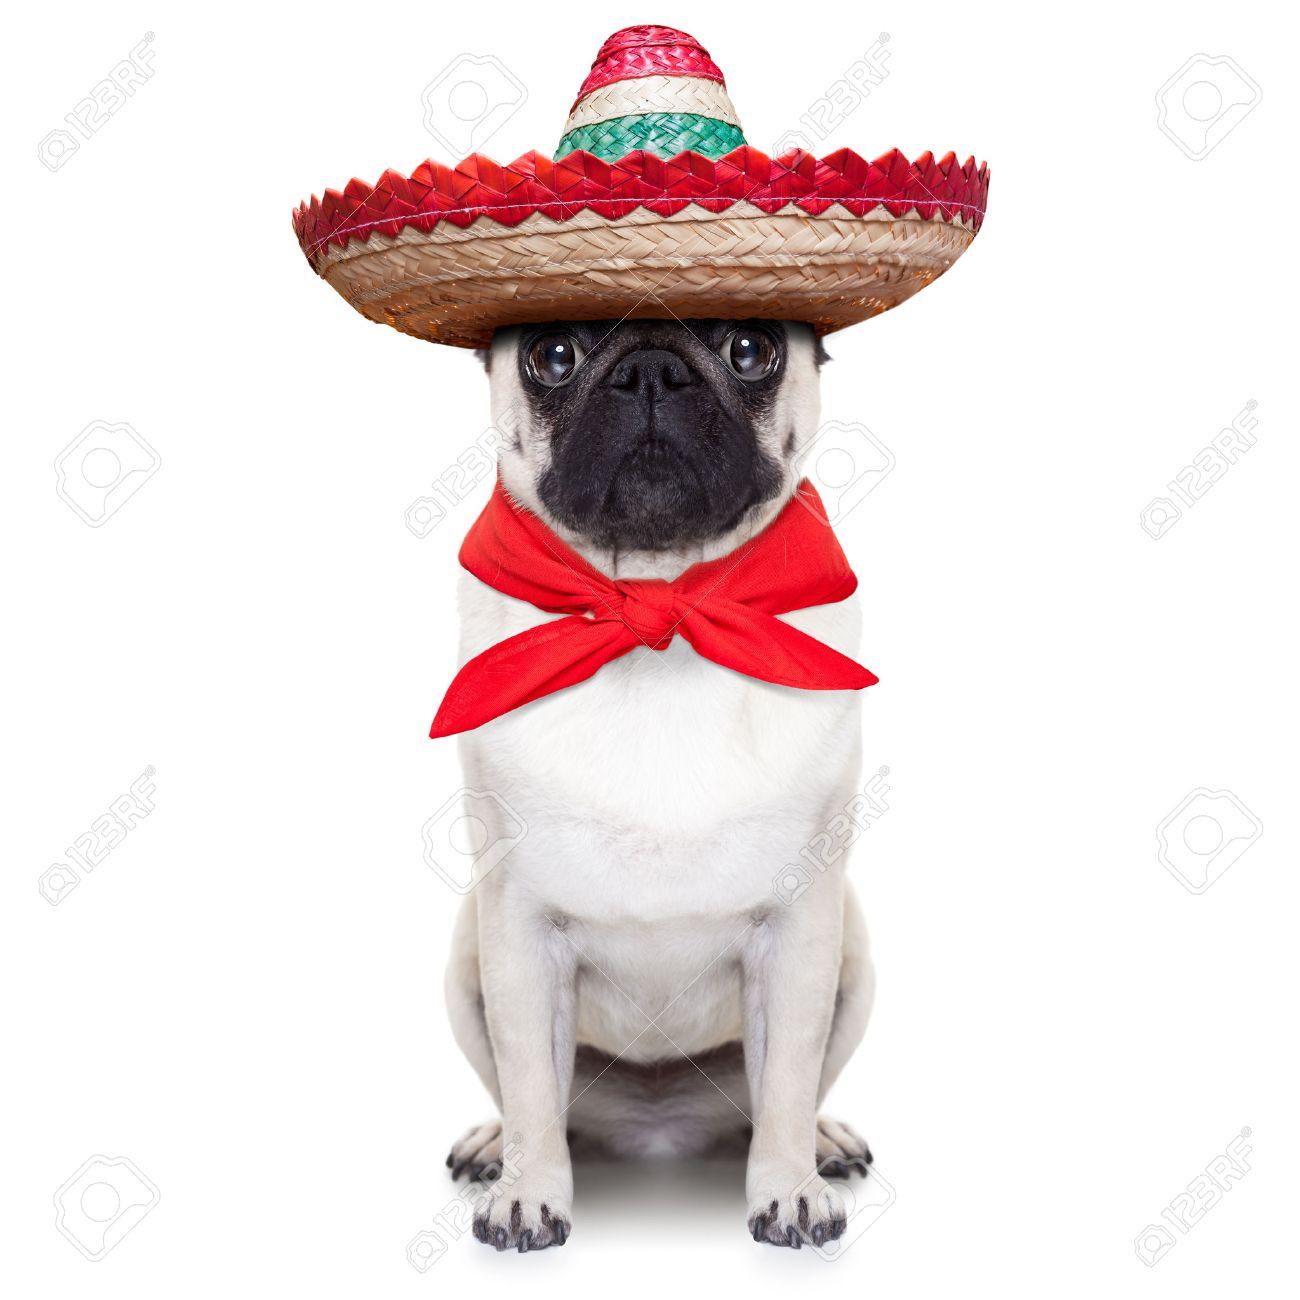 perro mexicano con el sombrero grande del sombrero y corbata roja Foto de archivo - 31119640